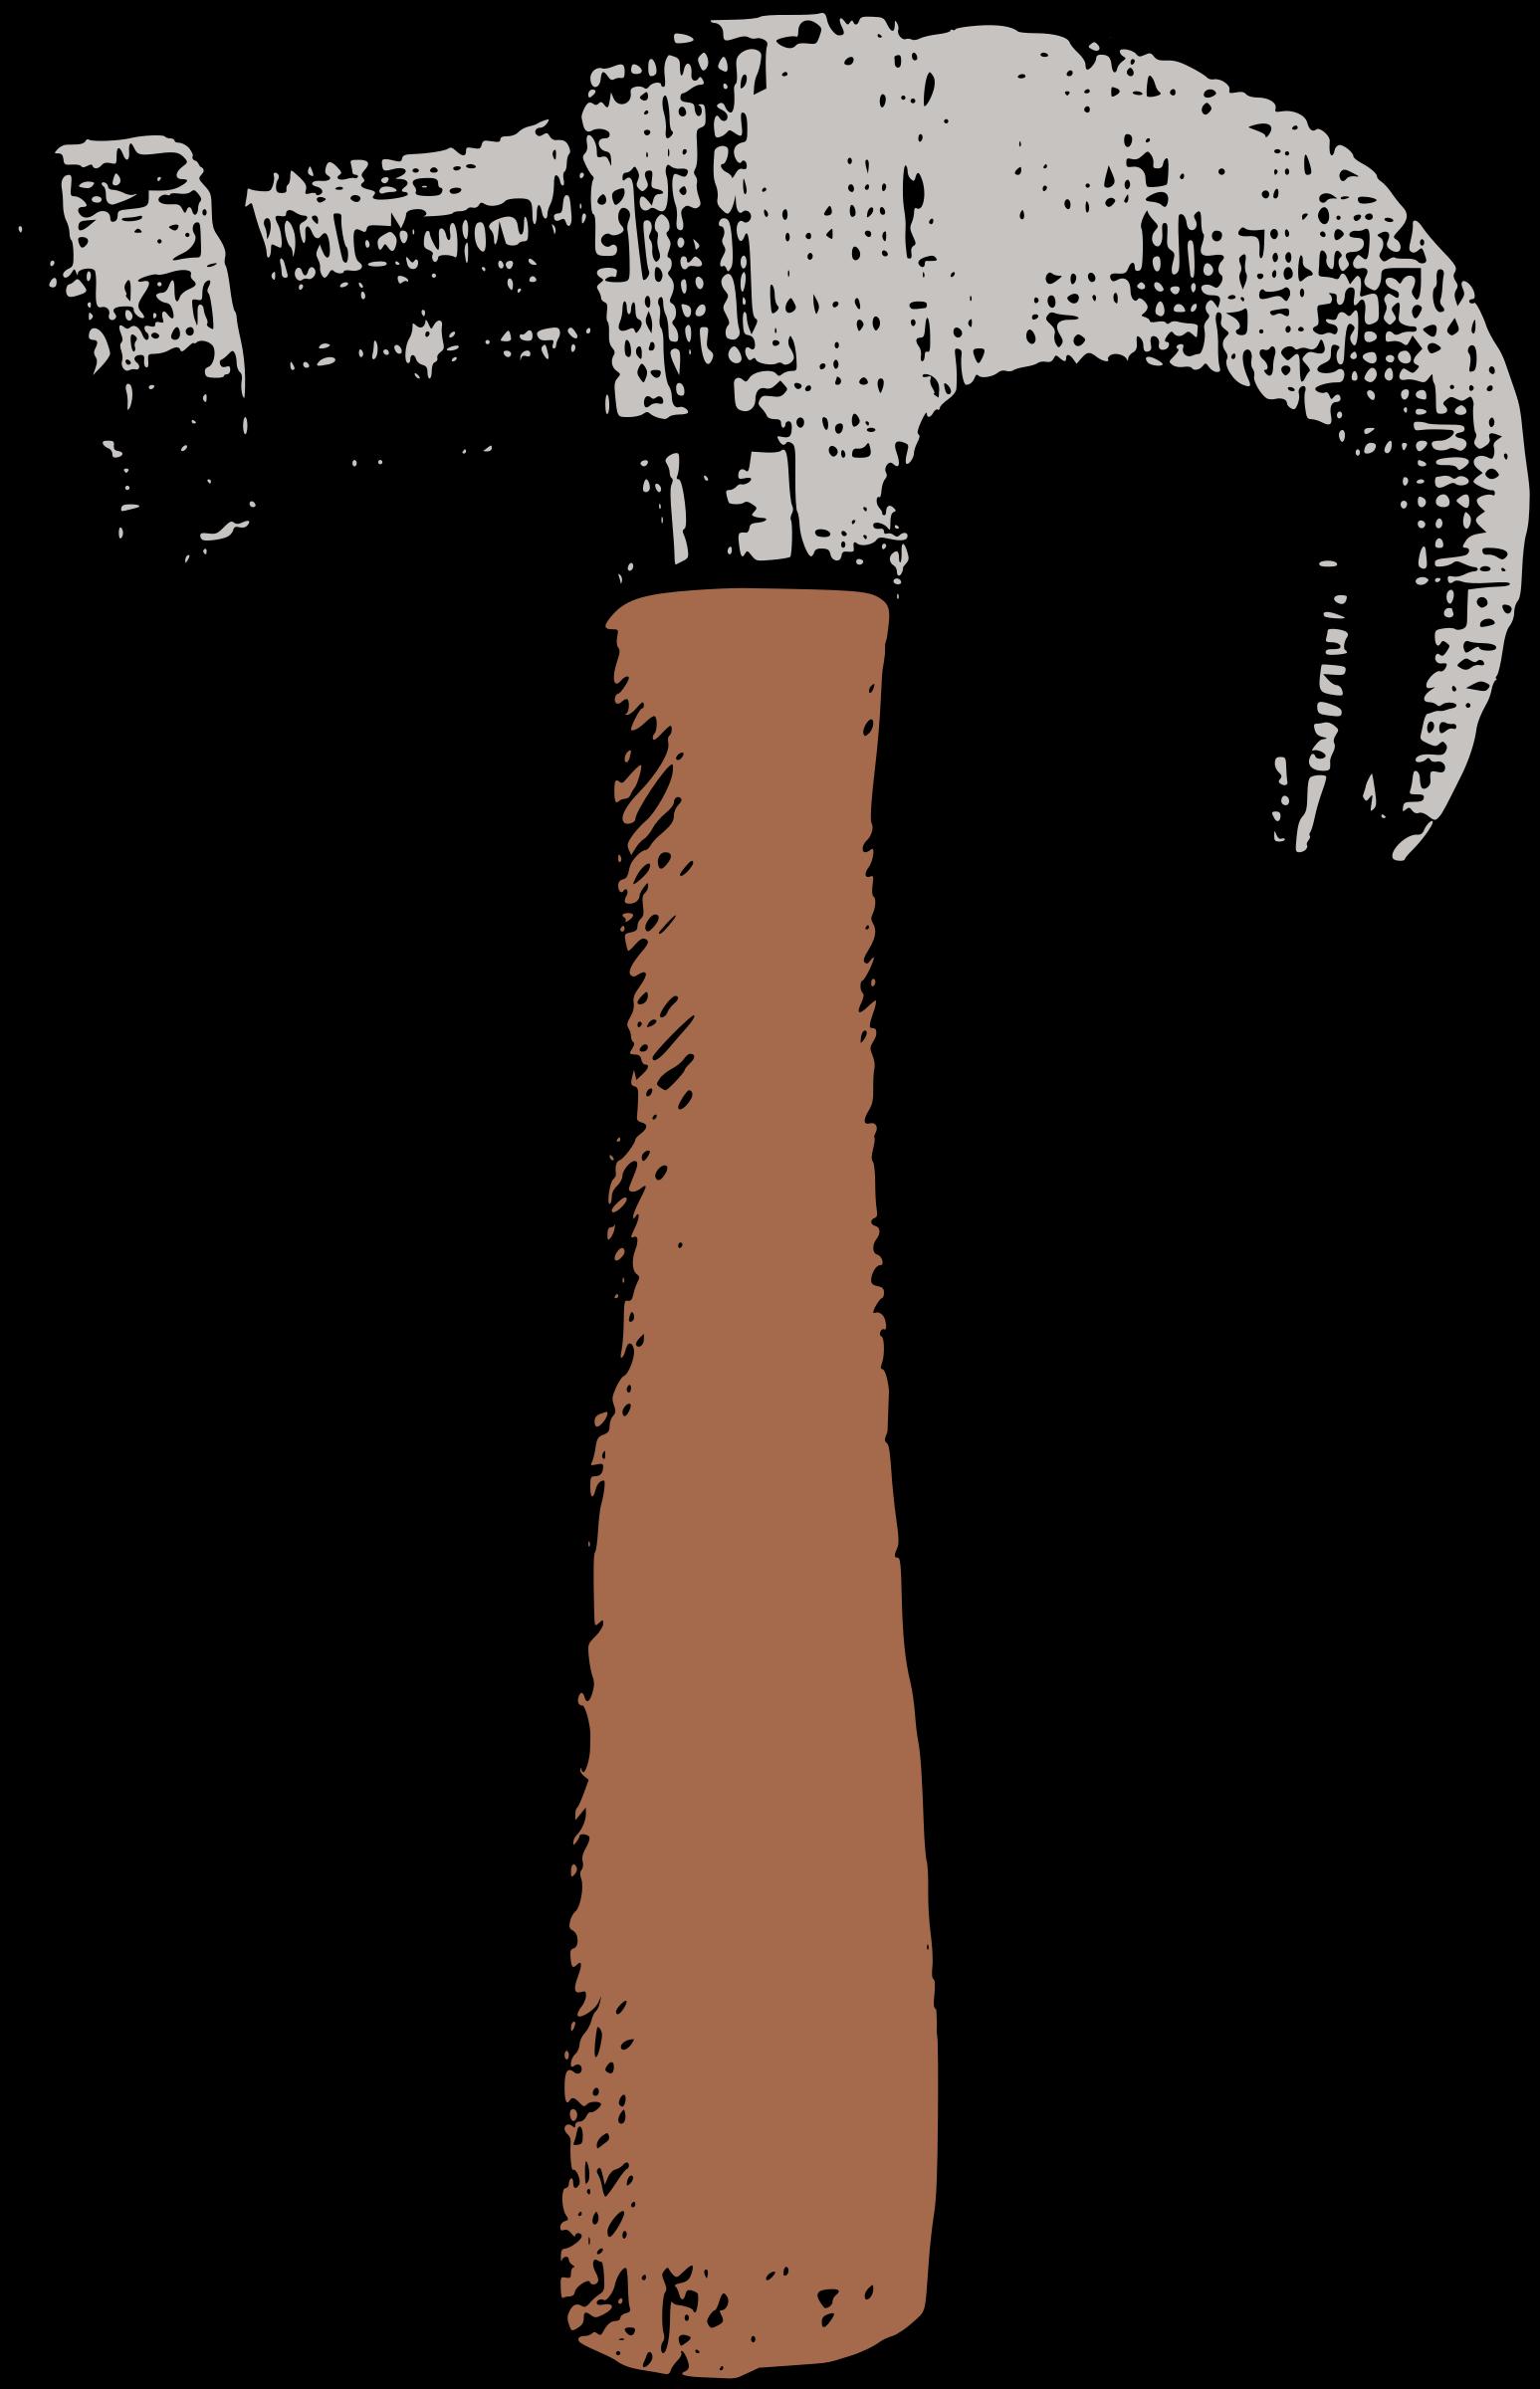 Colour big image png. Clipart hammer illustration